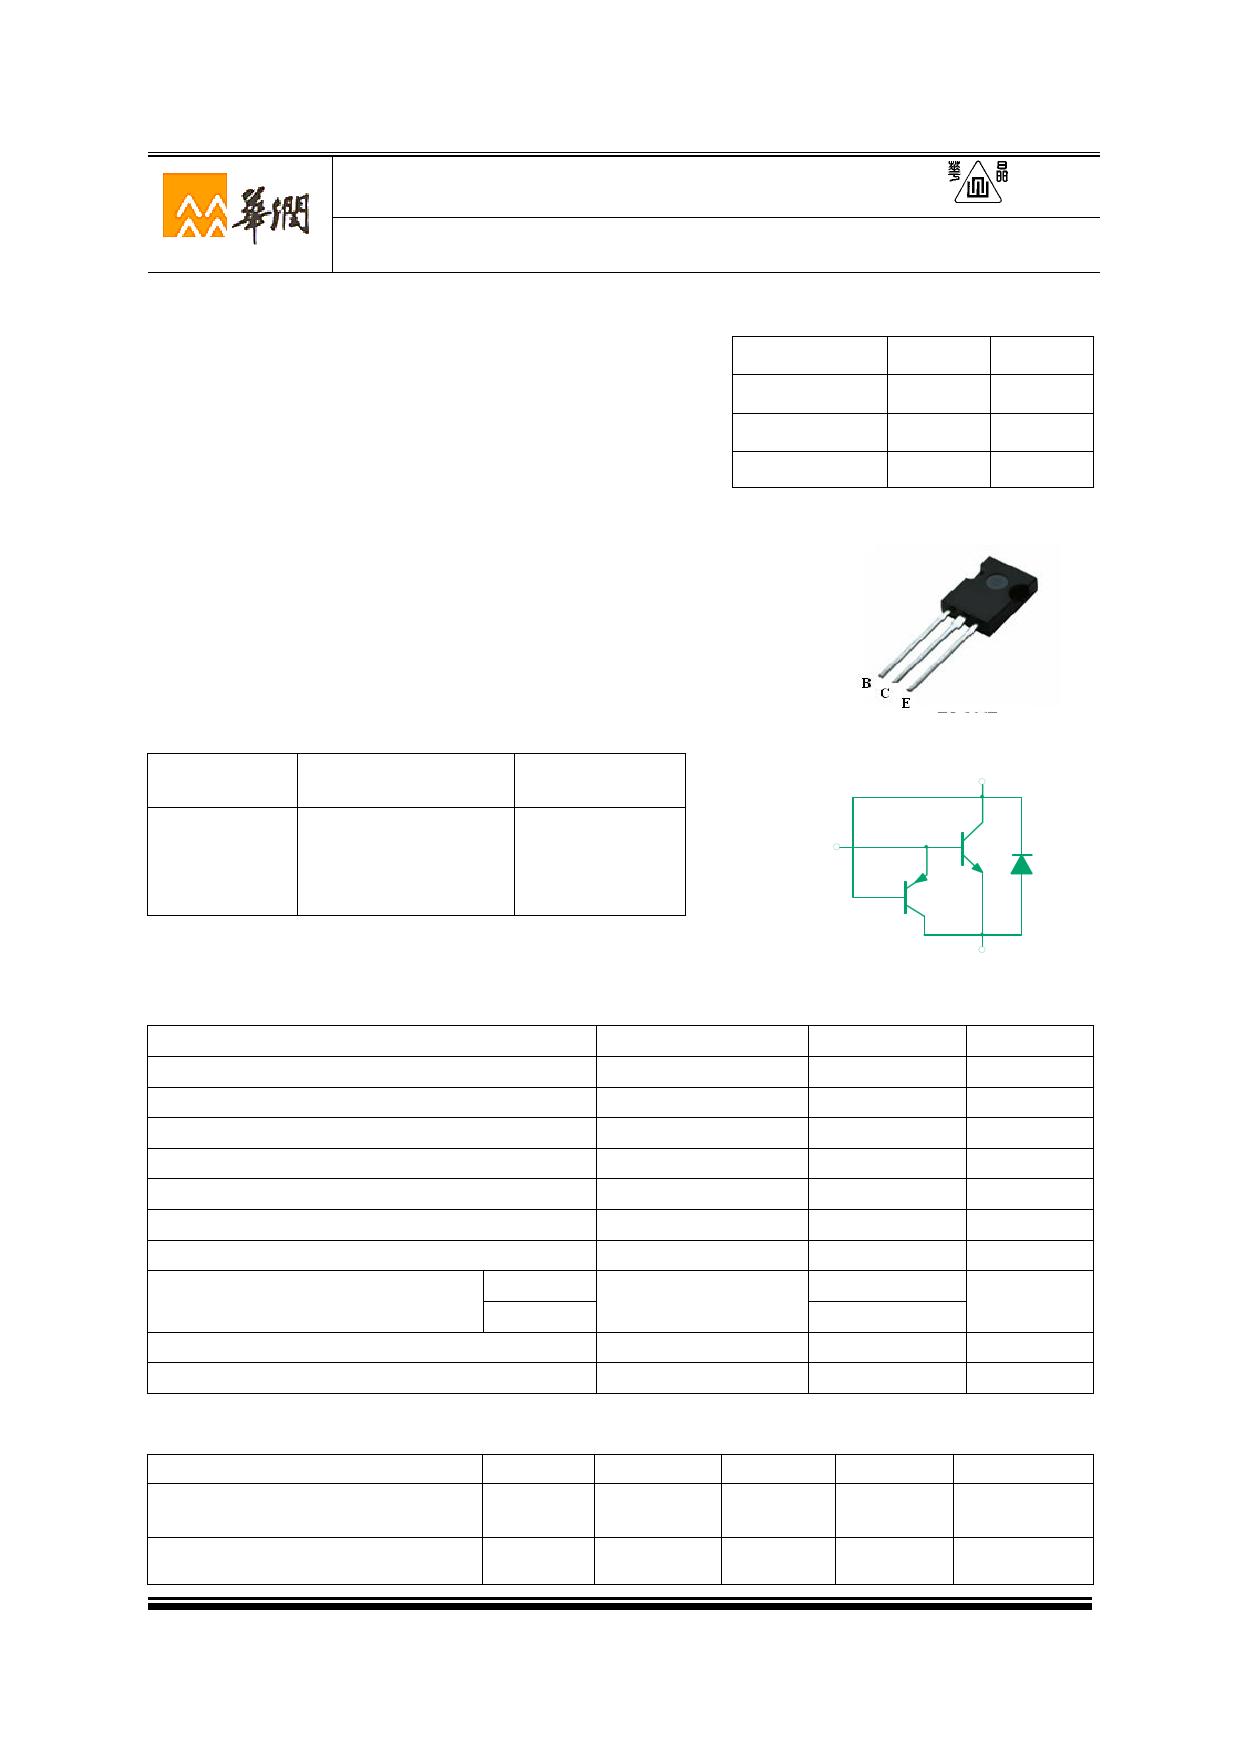 3DD13005G7D Datasheet, 3DD13005G7D PDF,ピン配置, 機能